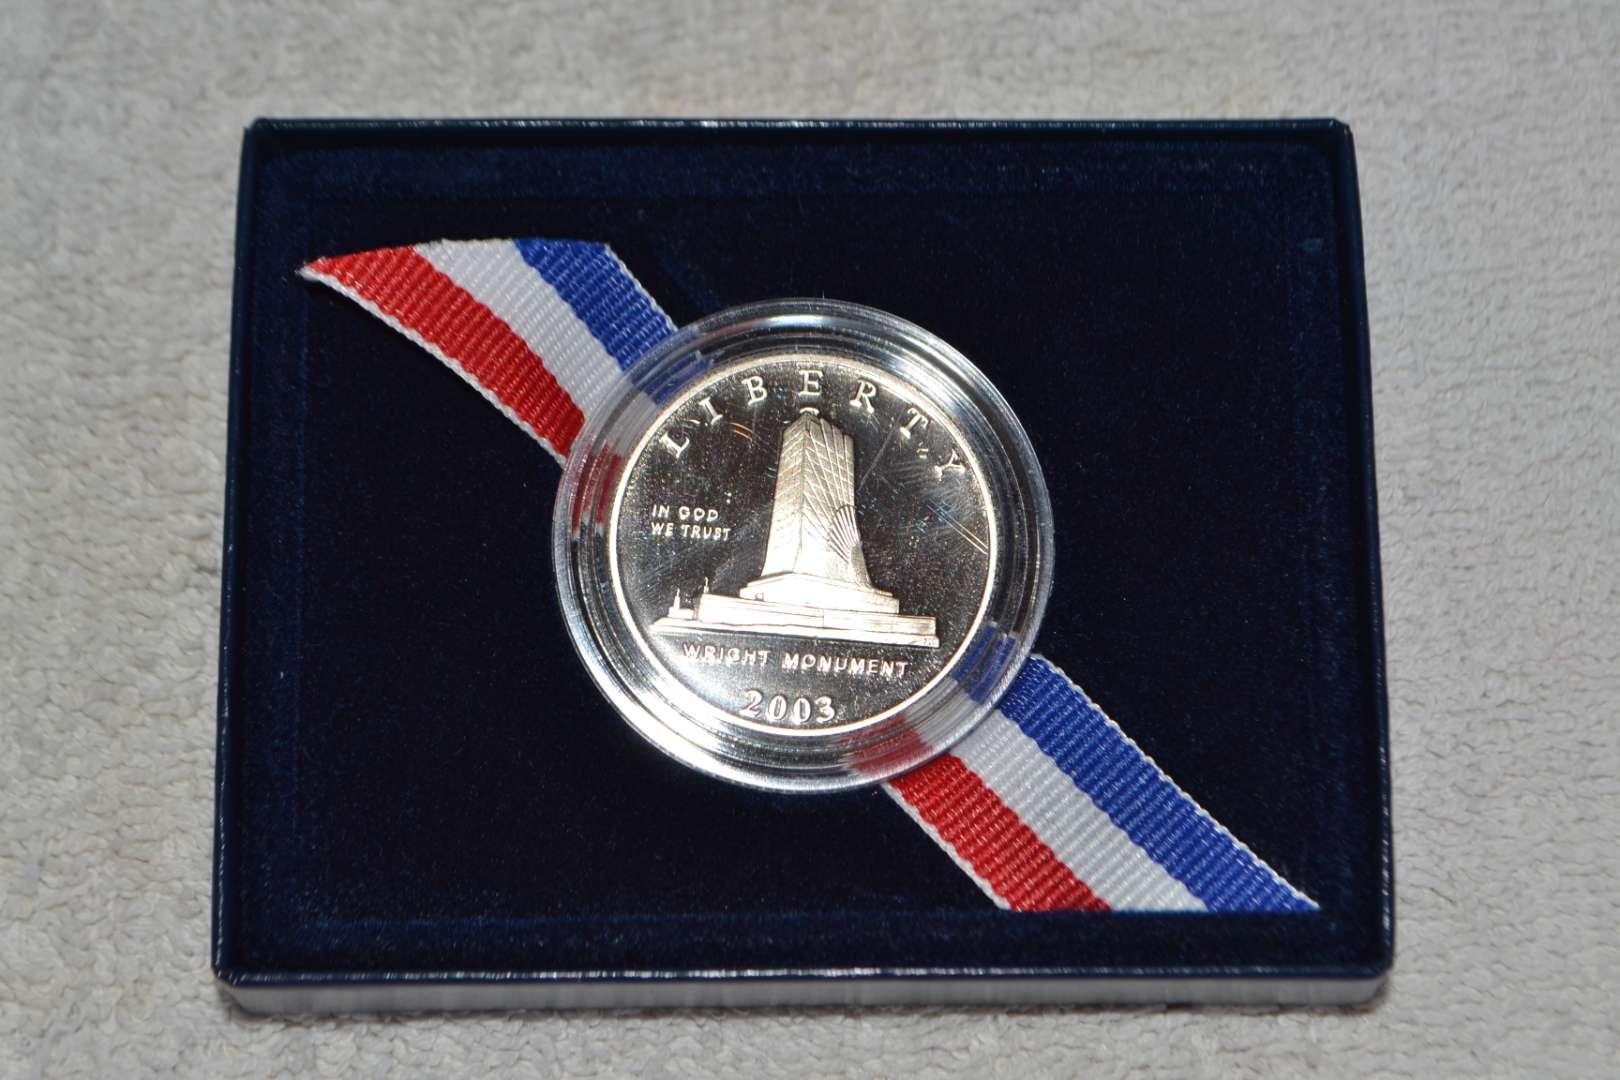 Lot # 33 2003 FIRST FLIGHT CENTENNIAL COMMEMORATIVE PROOF SILVER DOLLAR COINS